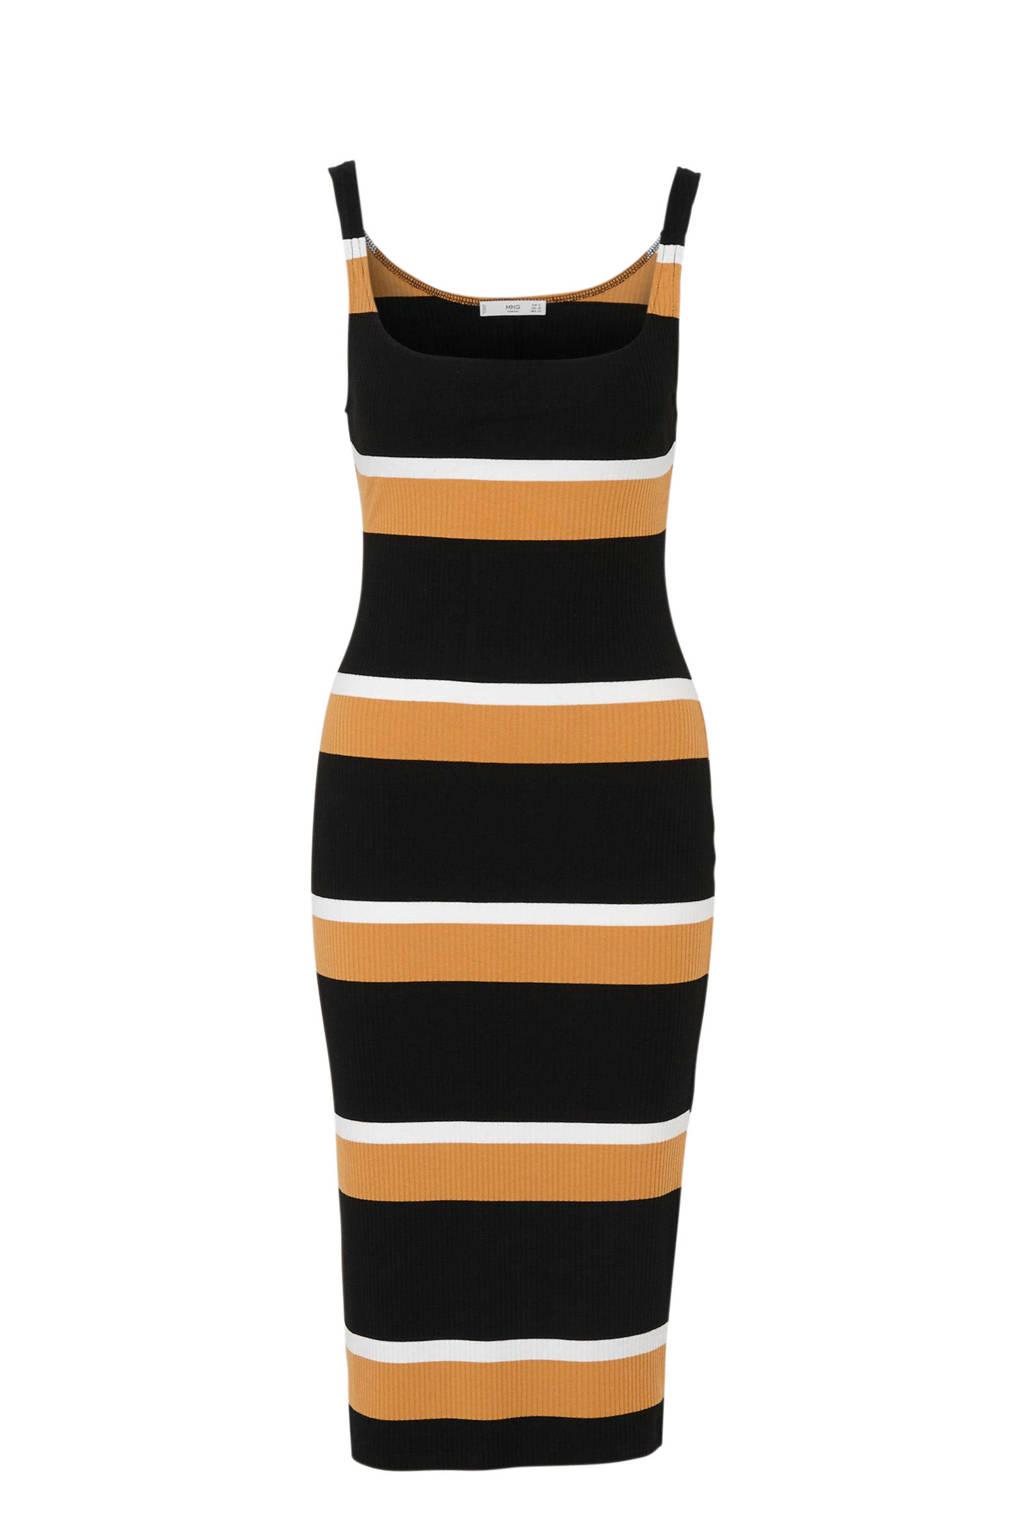 Mango gestreepte jurk zwart/oker/wit, Zwart/oker/wit